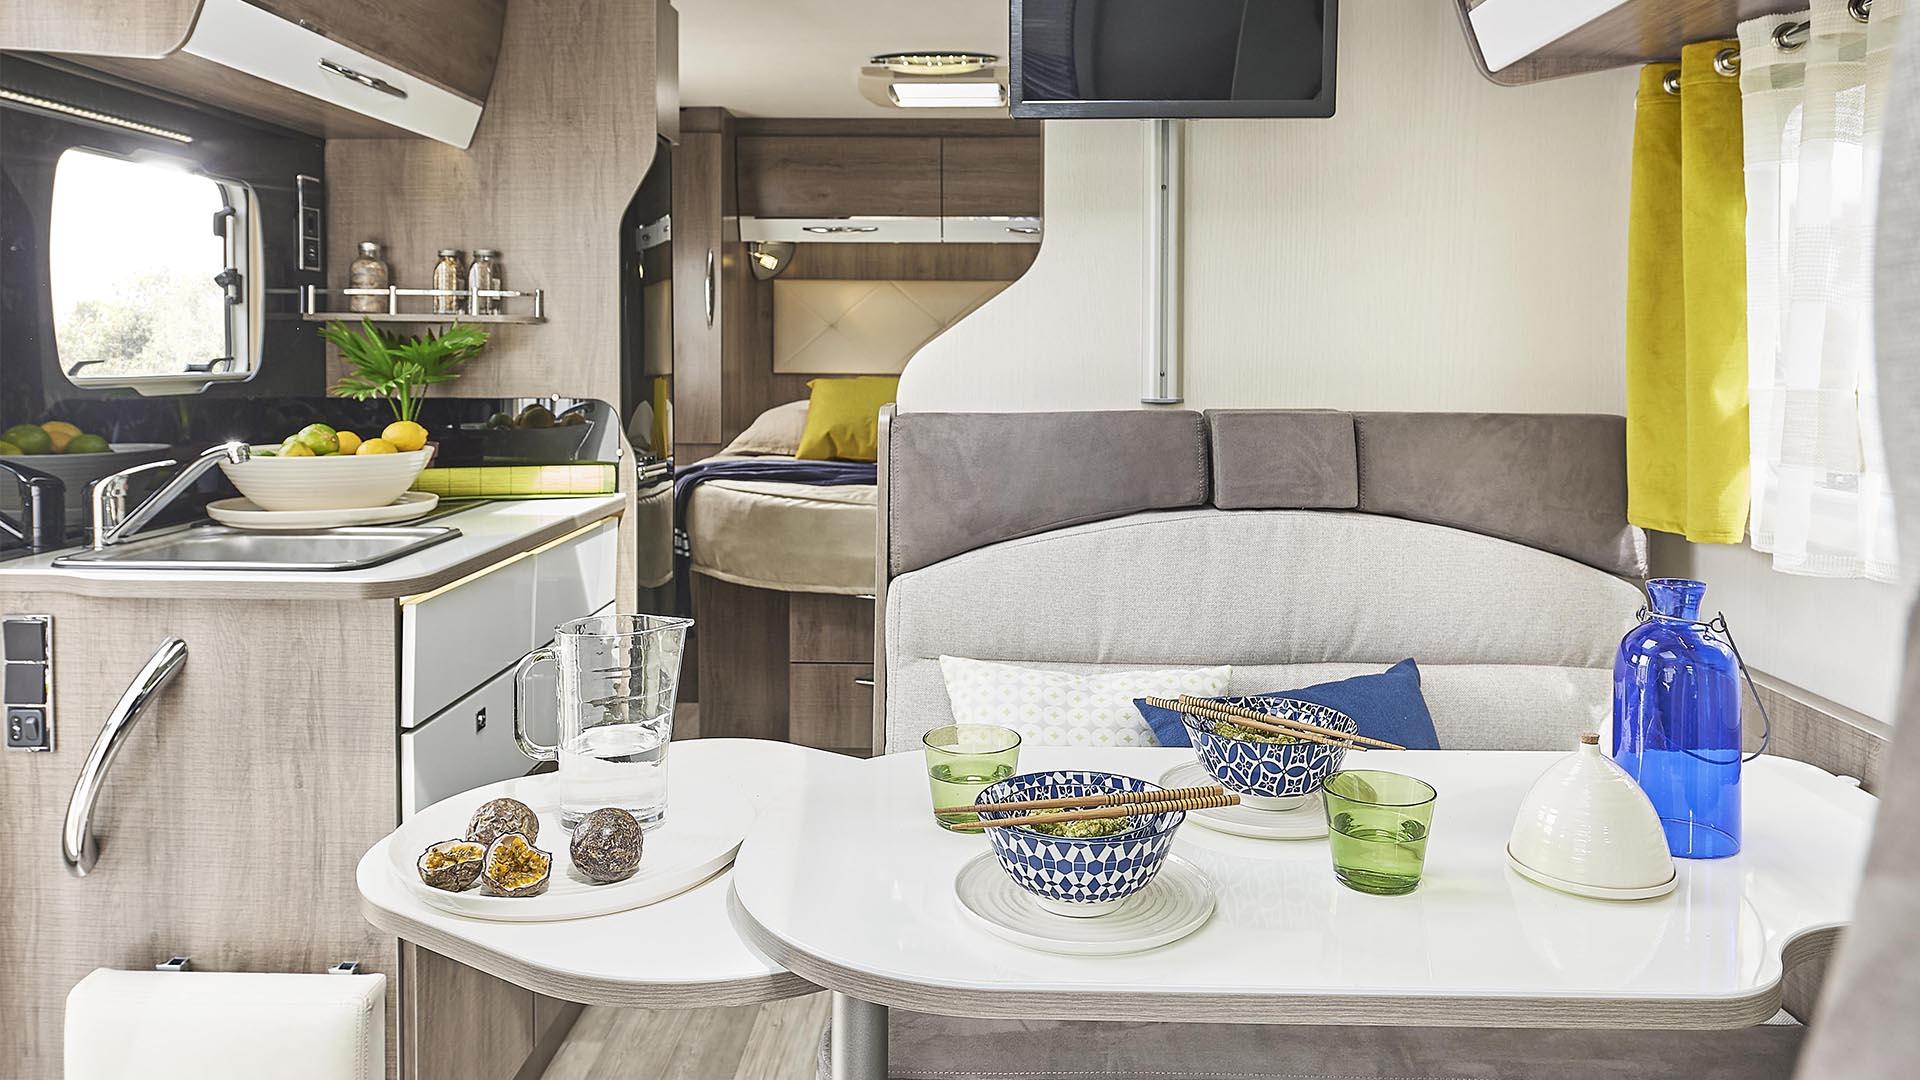 le t650c un camping car profil et compact aux nombreux atouts. Black Bedroom Furniture Sets. Home Design Ideas